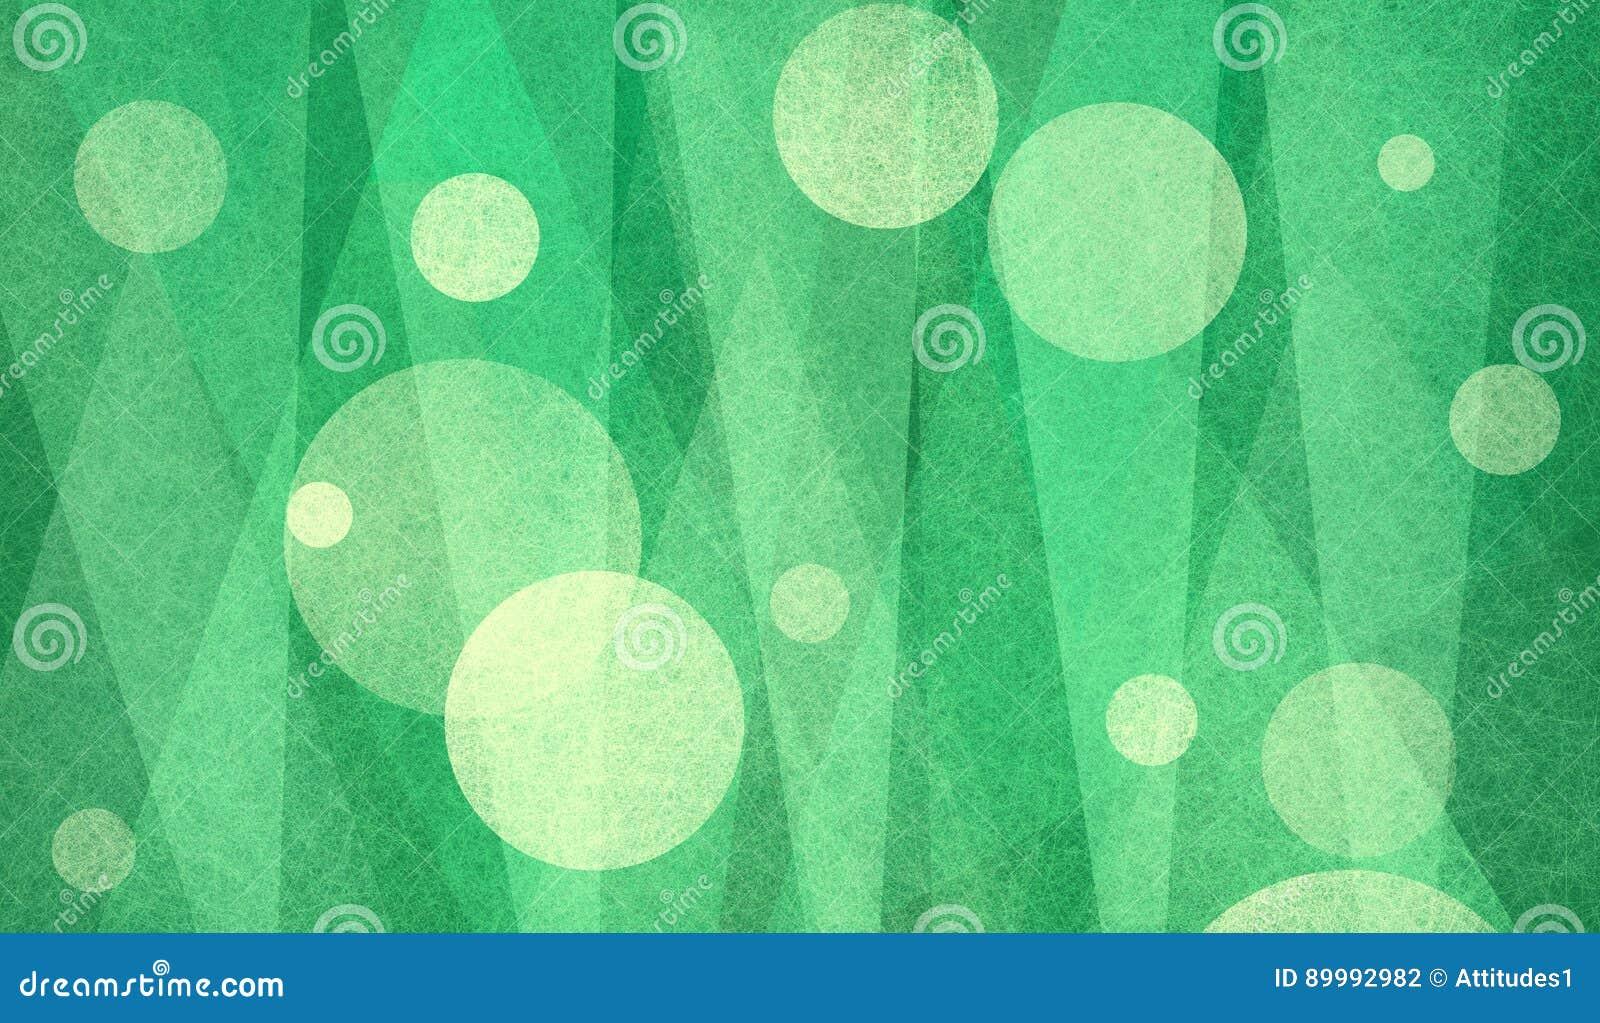 Abstrakte Kreise und Dreiecke im grünen und gelben strukturierten Hintergrunddesign